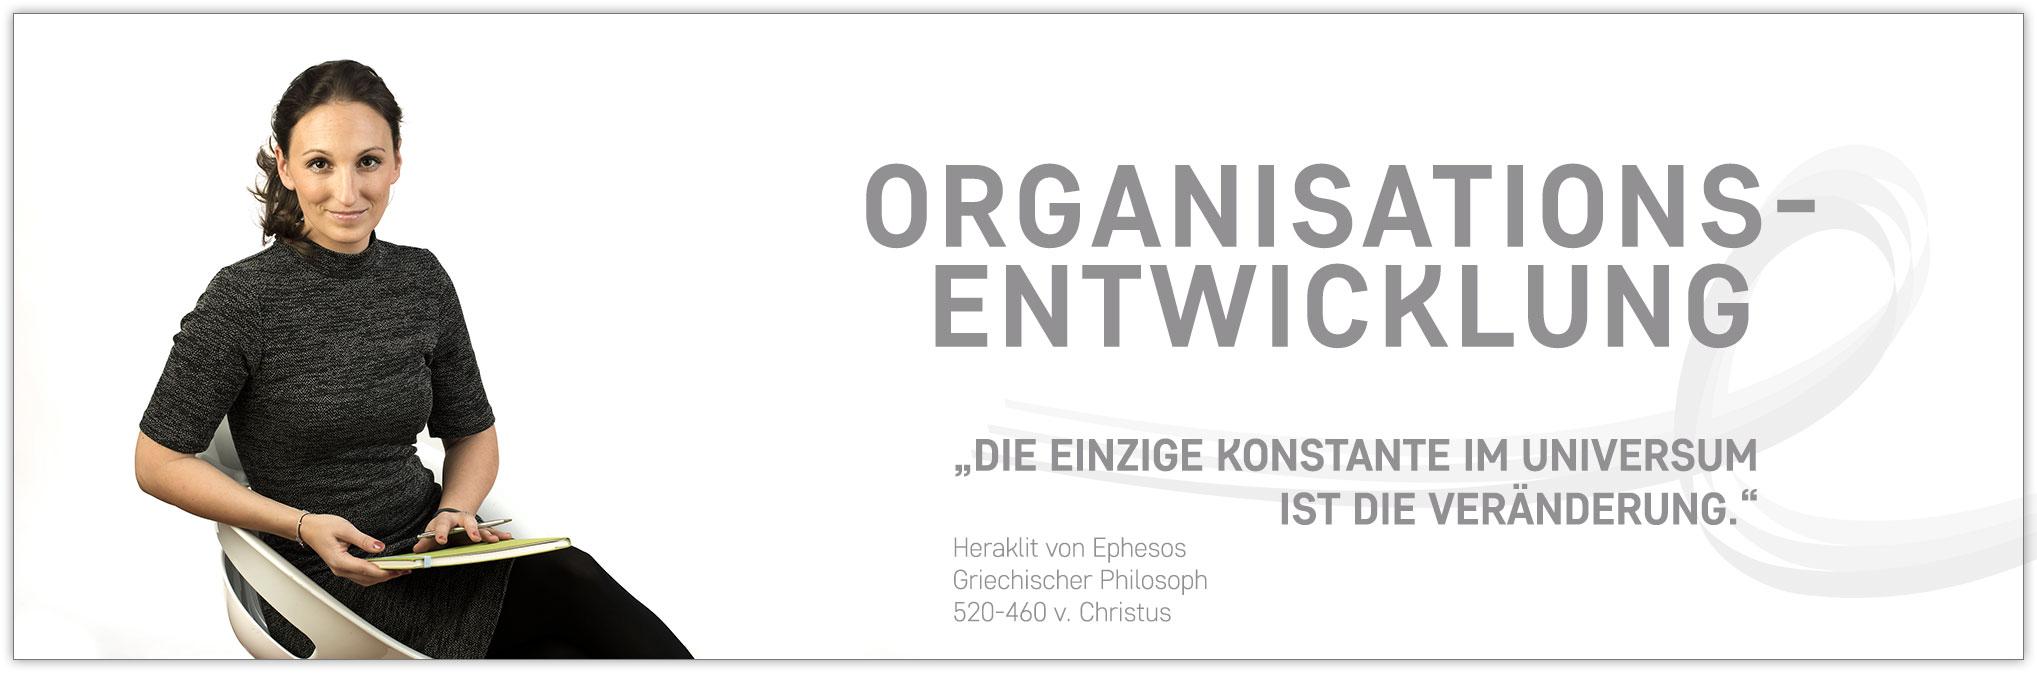 Organisationsentwicklung mit Michaela Pawlek